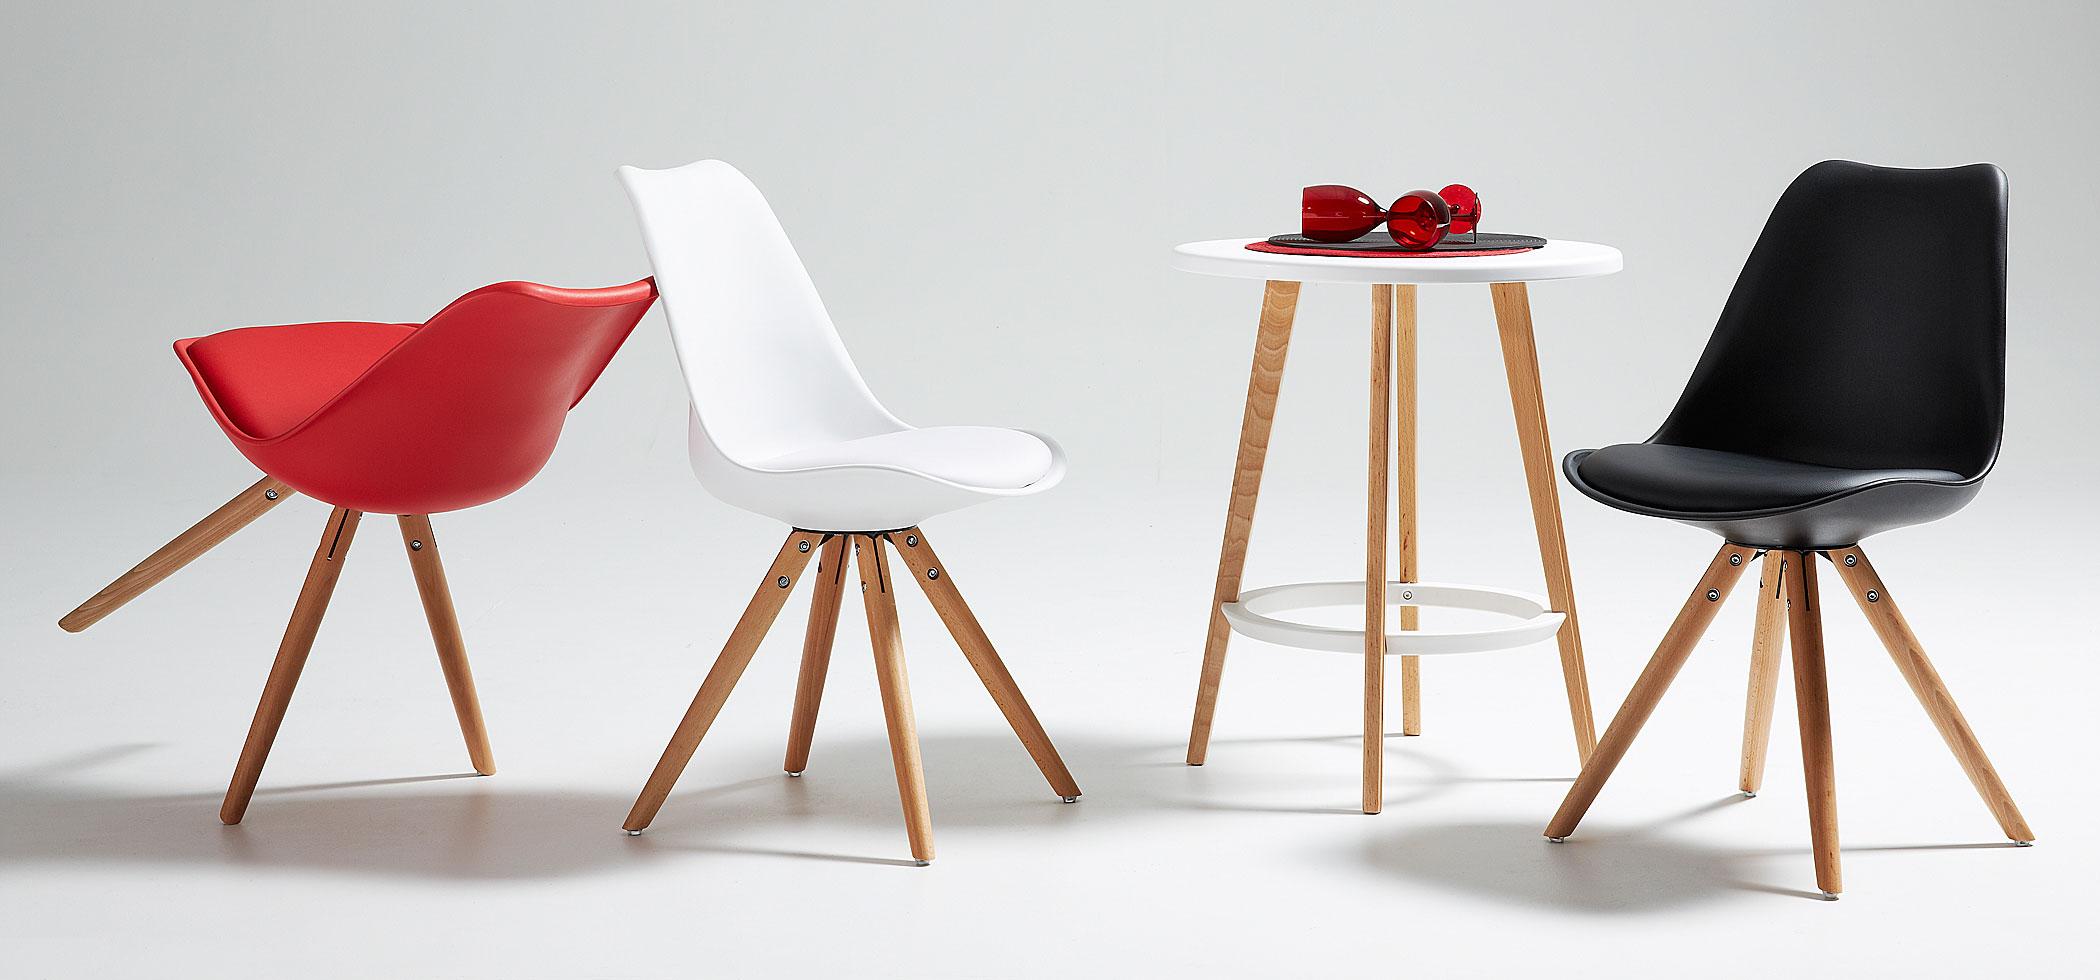 киркоров картинки дизайнерских стульев сшить